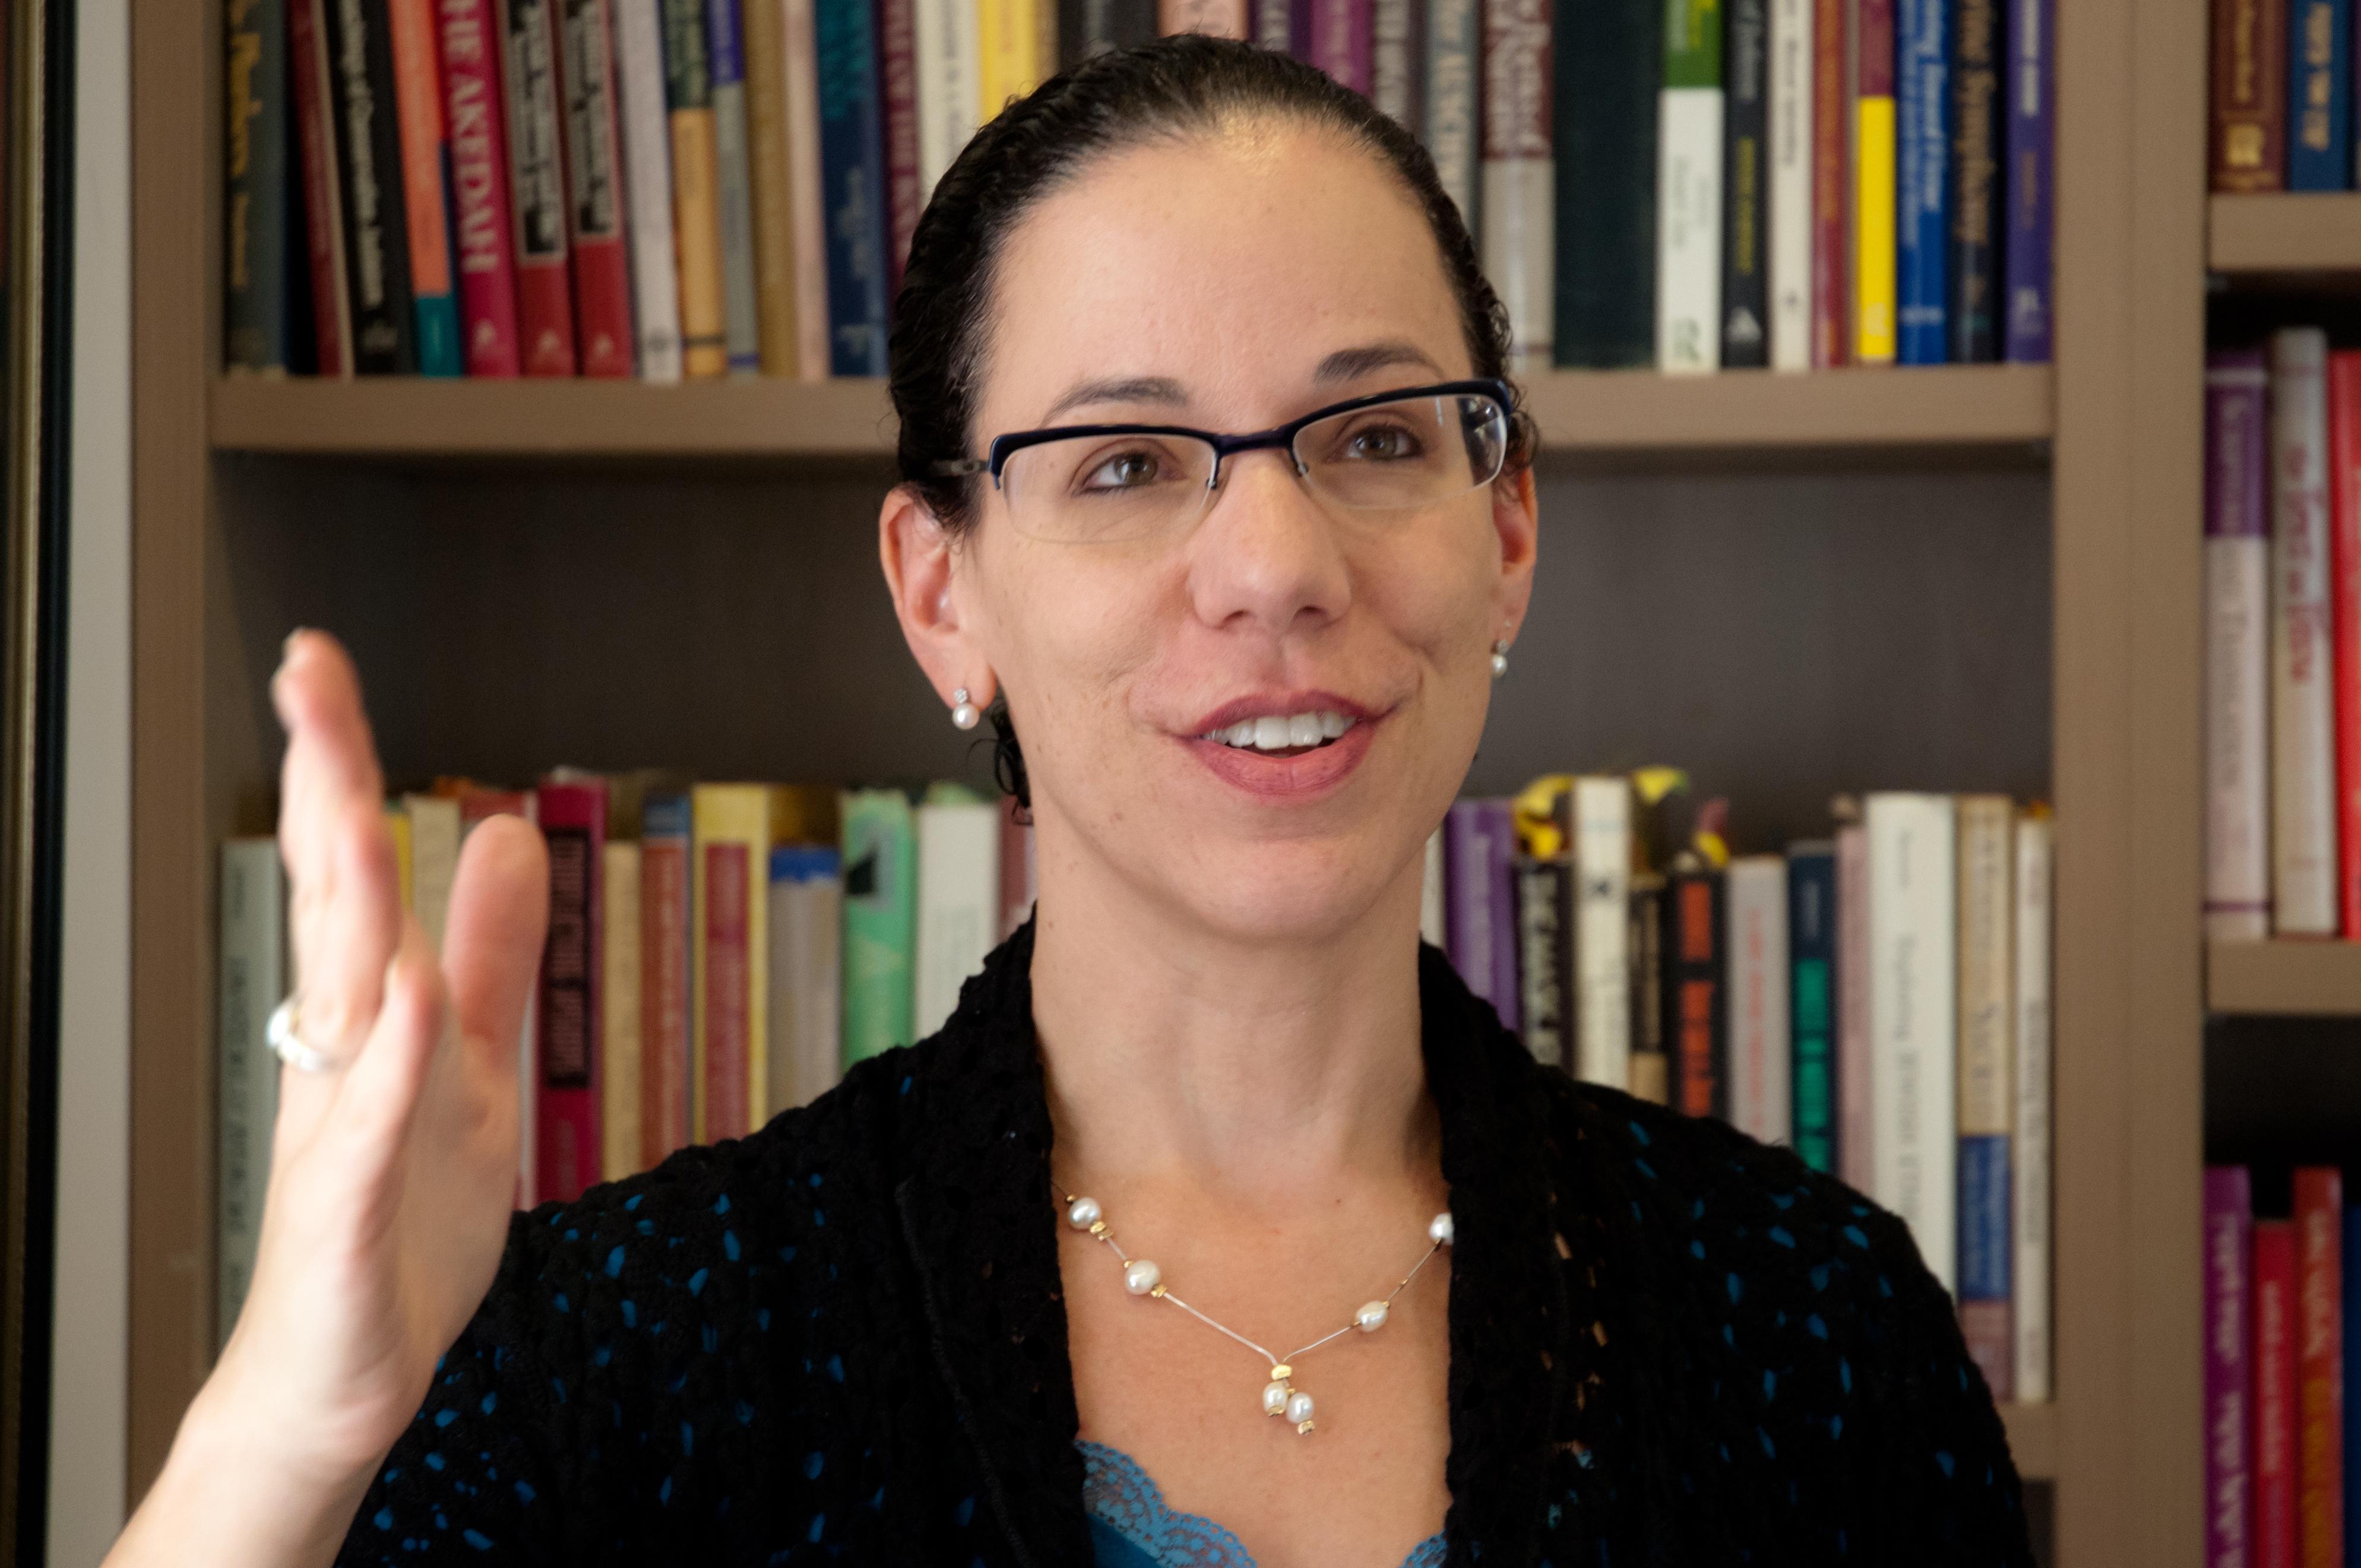 Rabbi Rachel Sabath Beit-Halachmi, Ph.D.